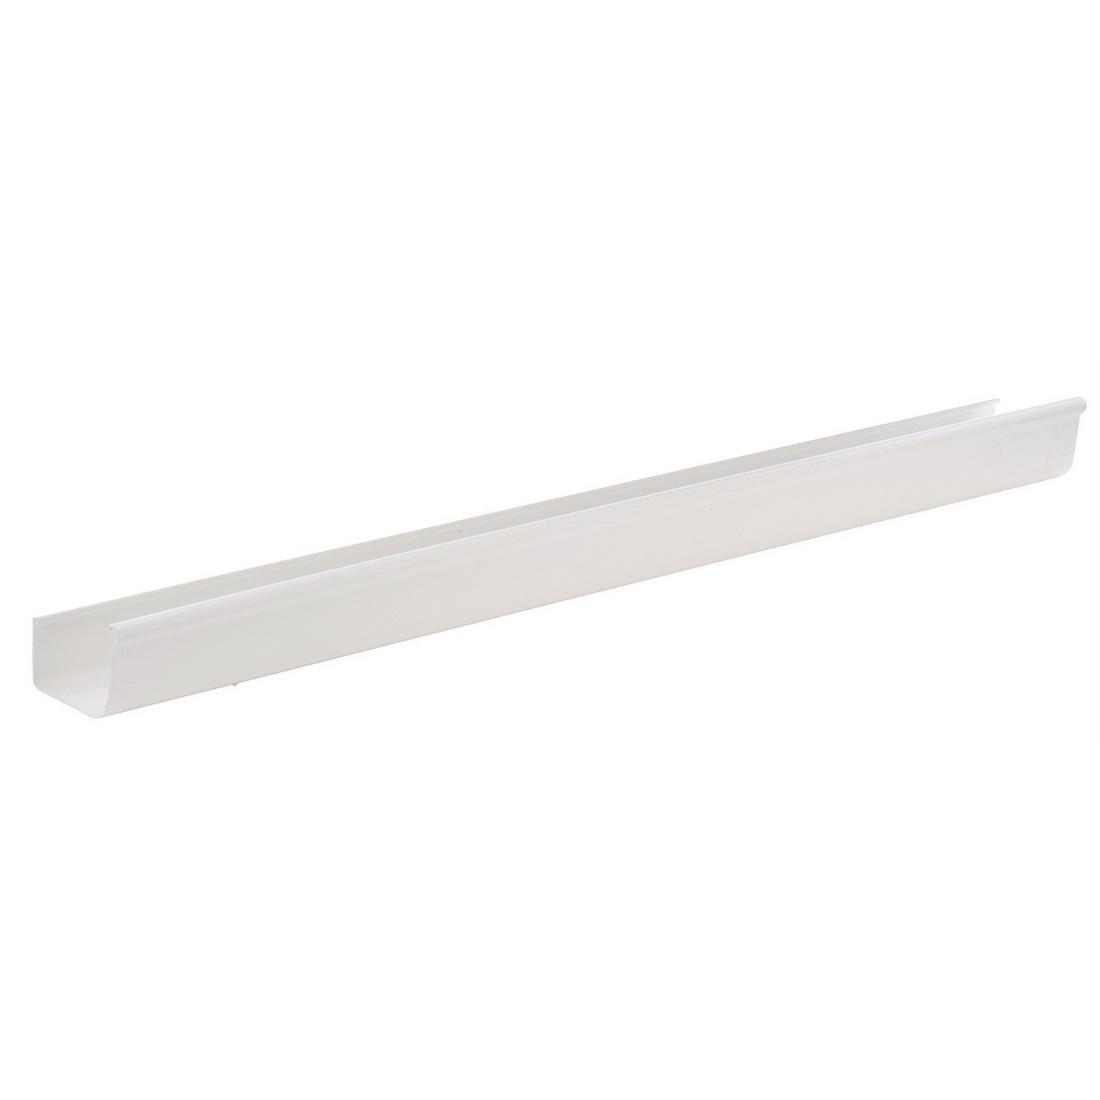 Stormcloud Spouting 5m x 123mm Unplasticised PVC White